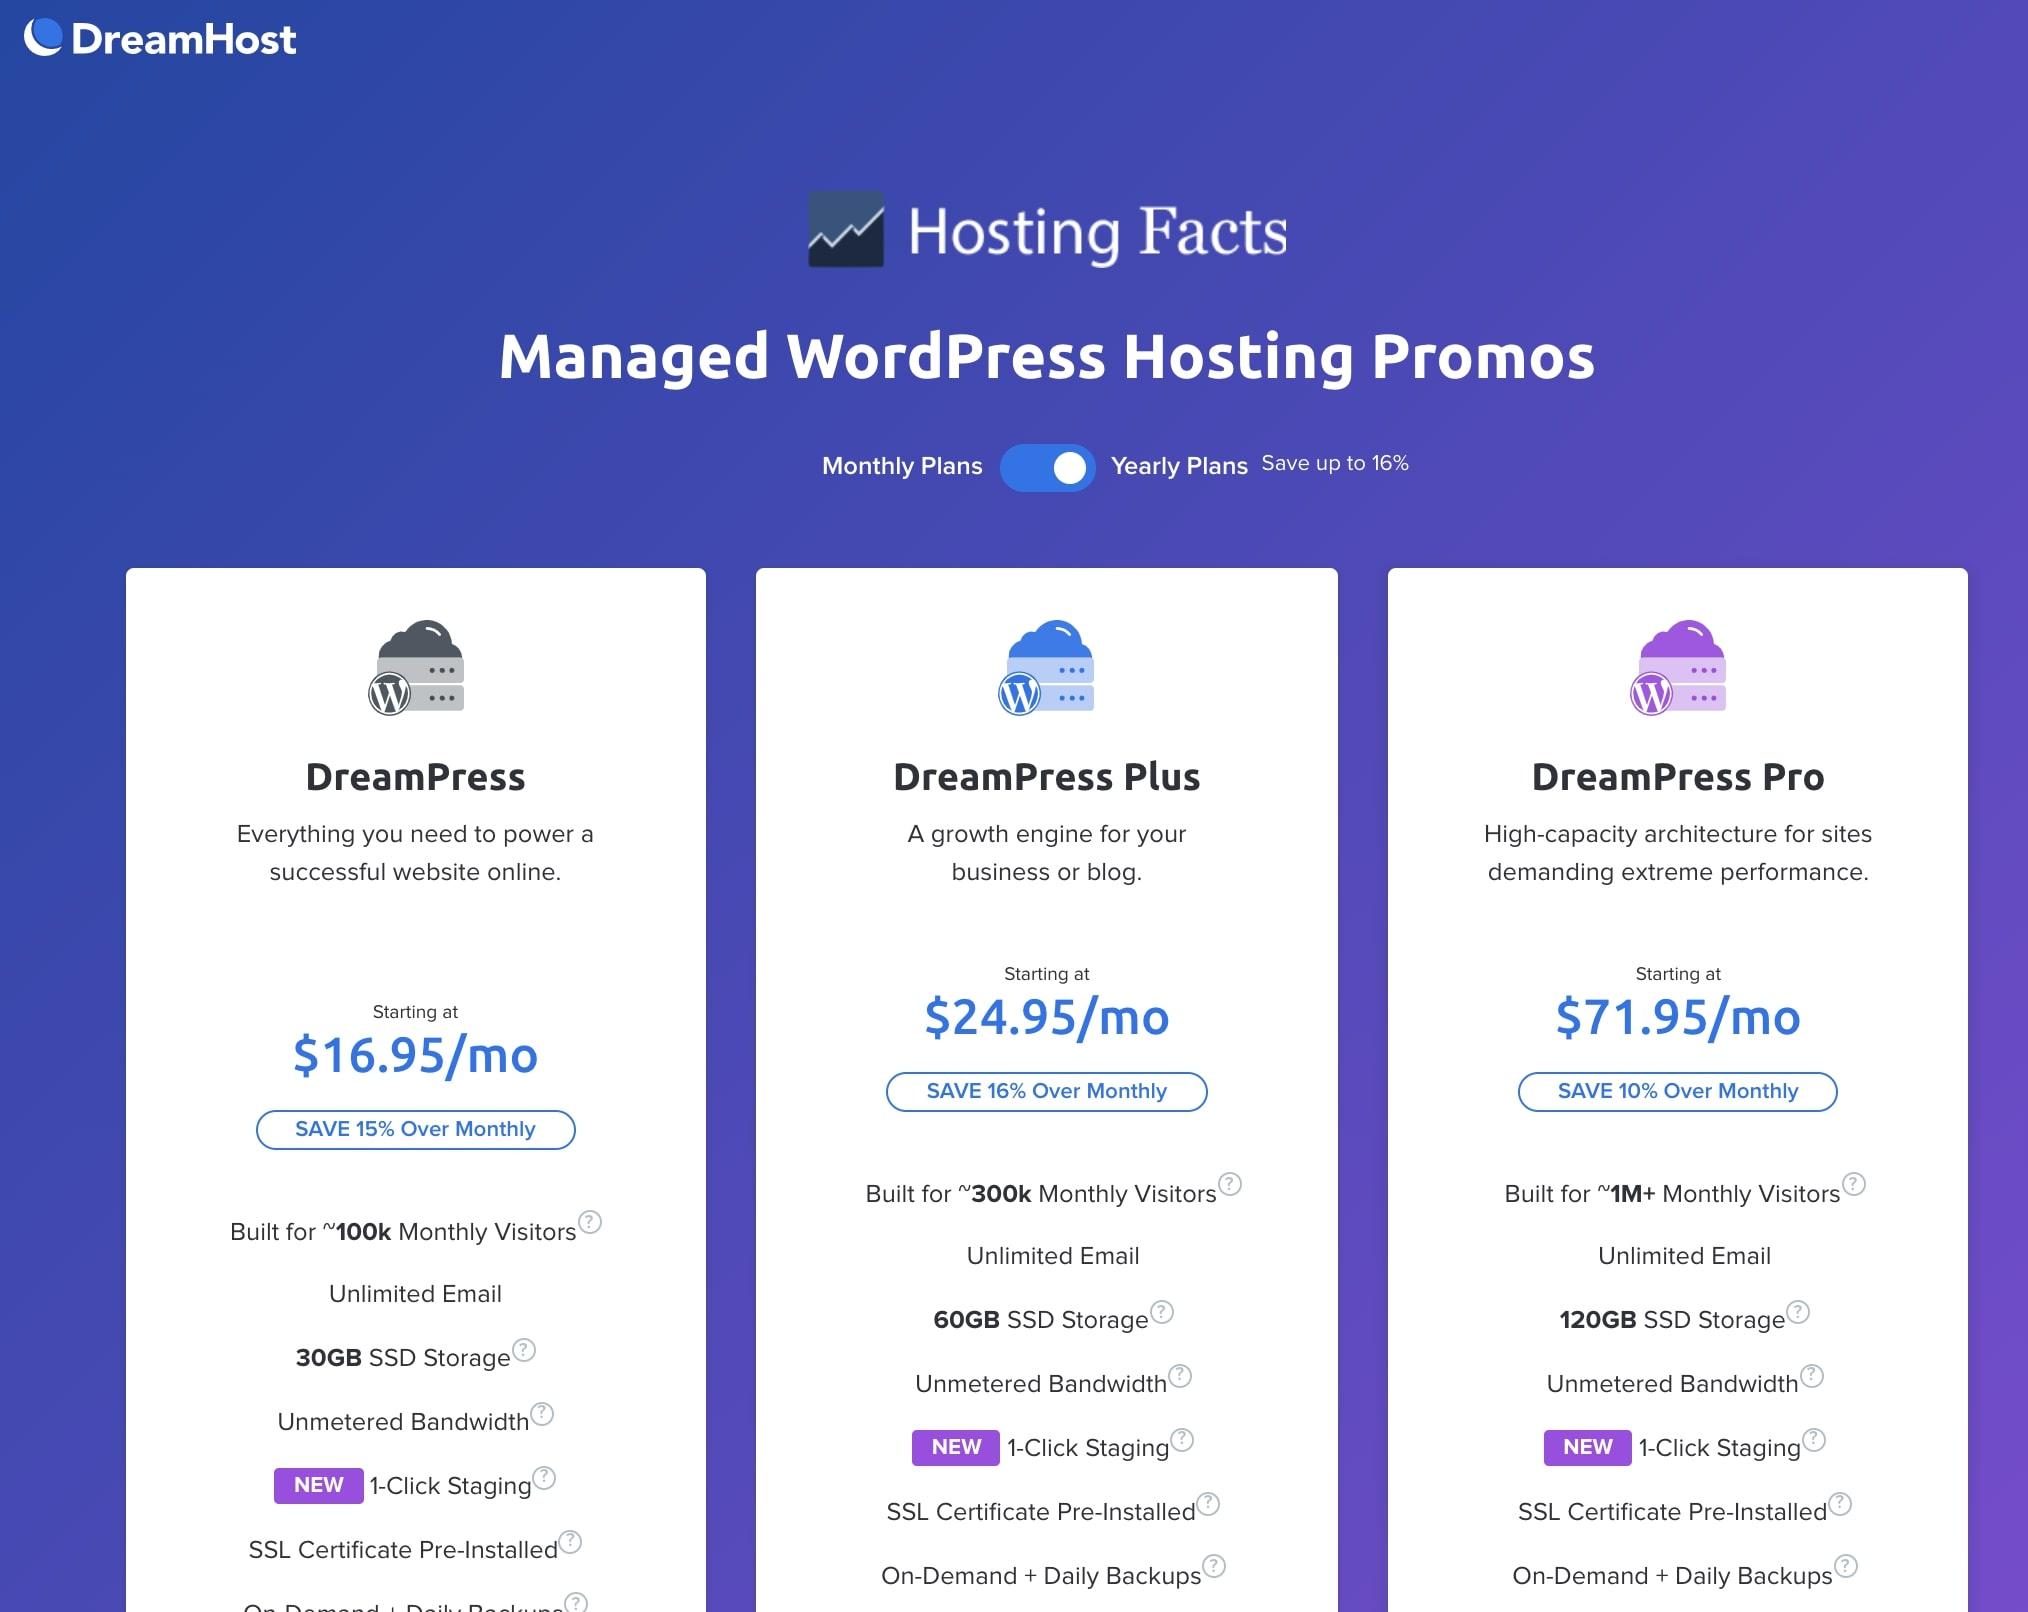 DreamHost DreamPress